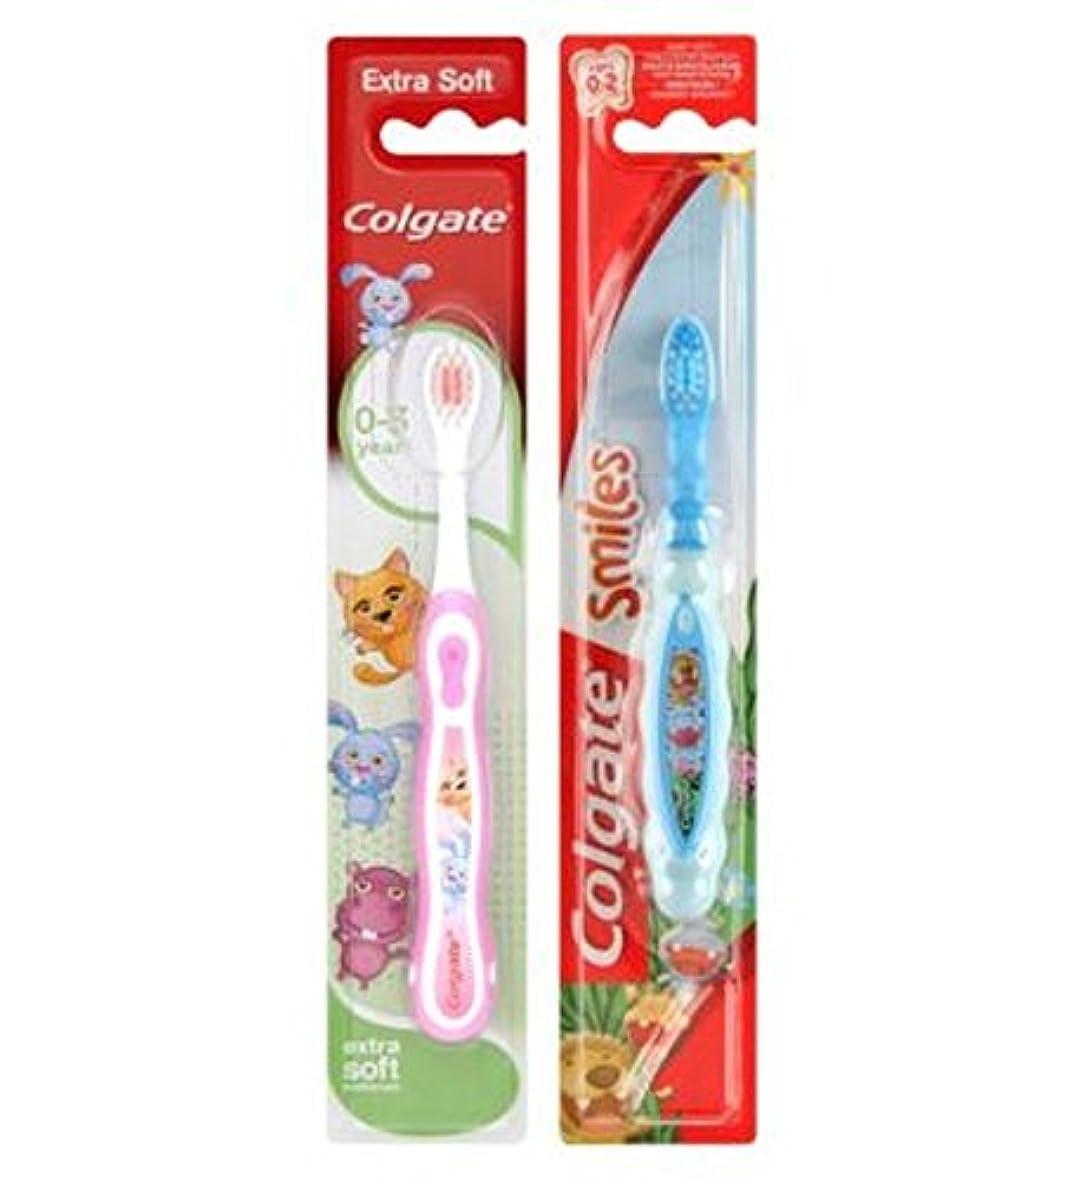 頑張るビーム明確なコルゲート私の最初の歯ブラシ (Colgate) (x2) - Colgate My First Toothbrush (Pack of 2) [並行輸入品]